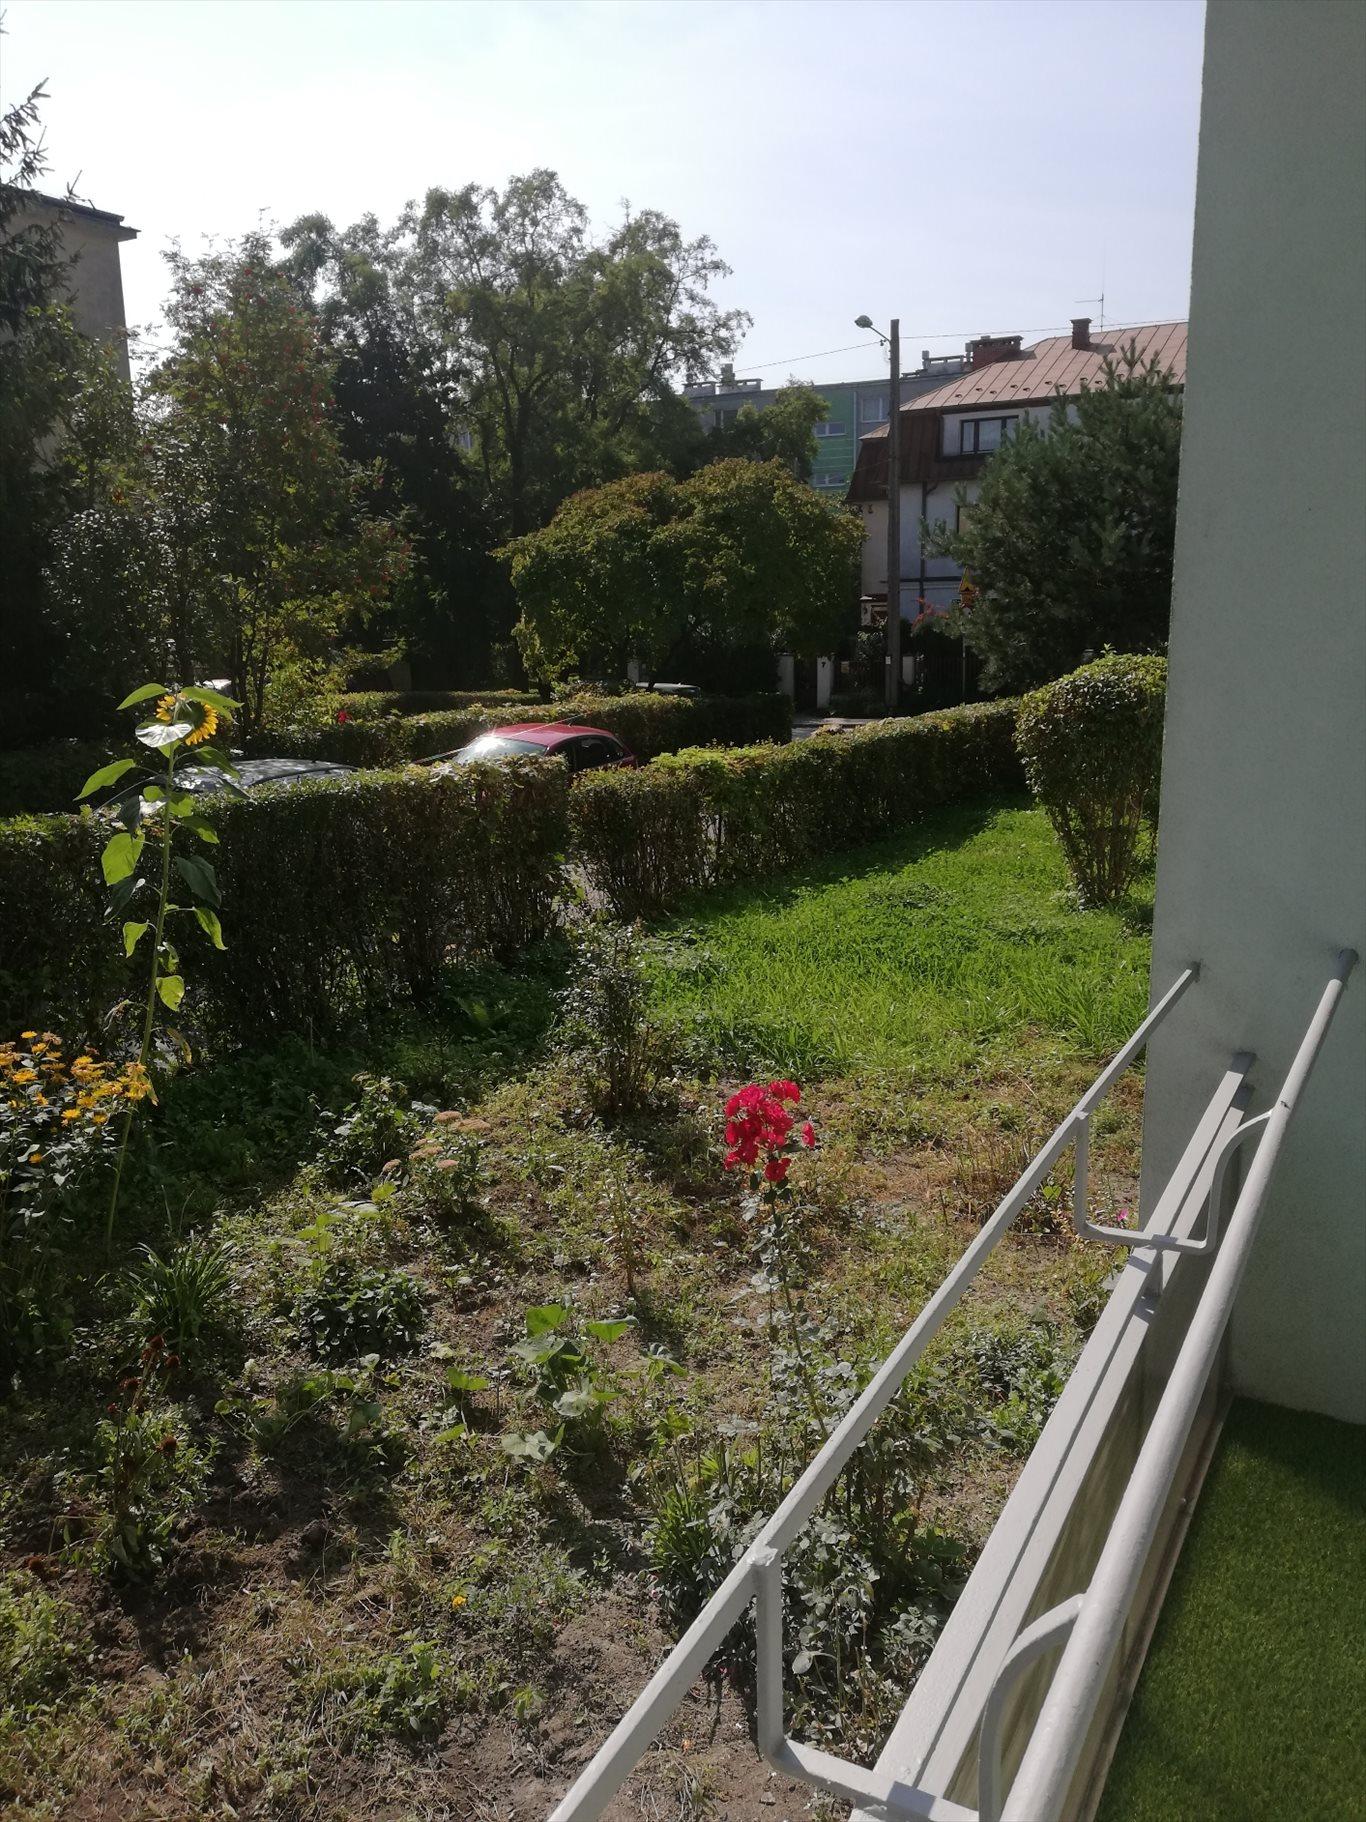 Mieszkanie dwupokojowe na sprzedaż Kielce, Czarnów-Osiedle, Urzędnicza 18  36m2 Foto 2